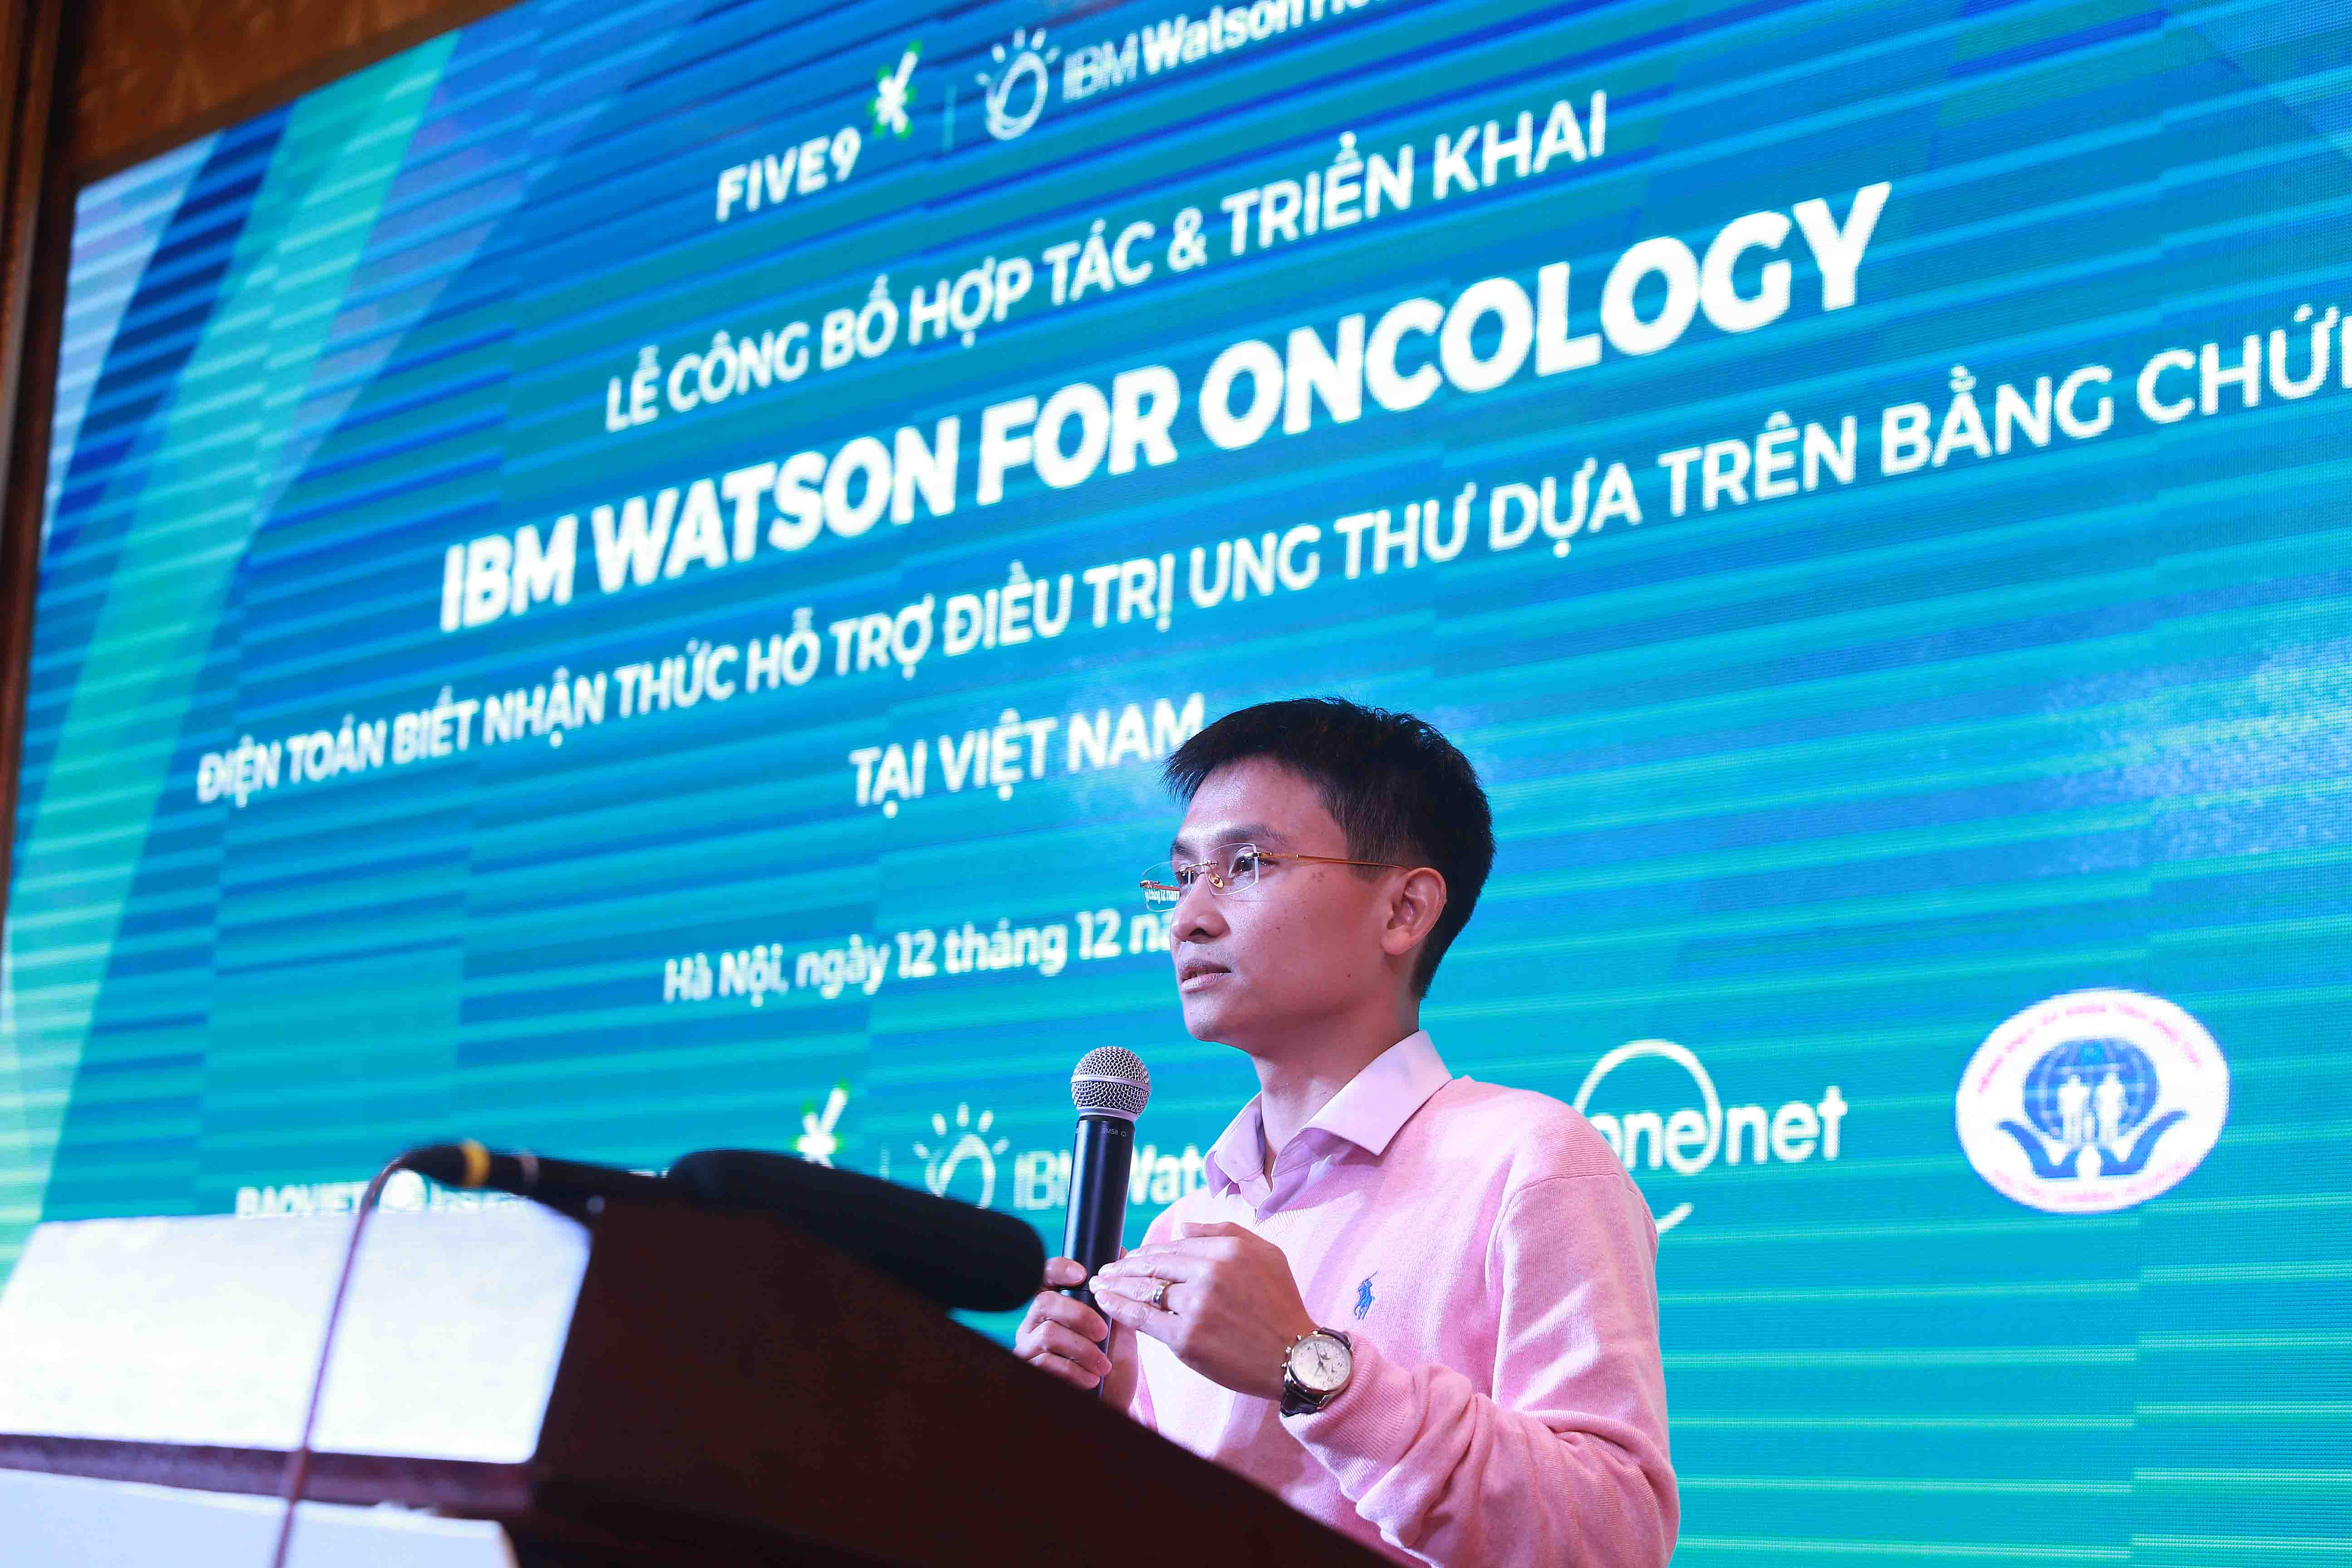 Five 9 ông nguyễn trọng huấn công nghệ IBM Watson for Oncology tại Việt Nam